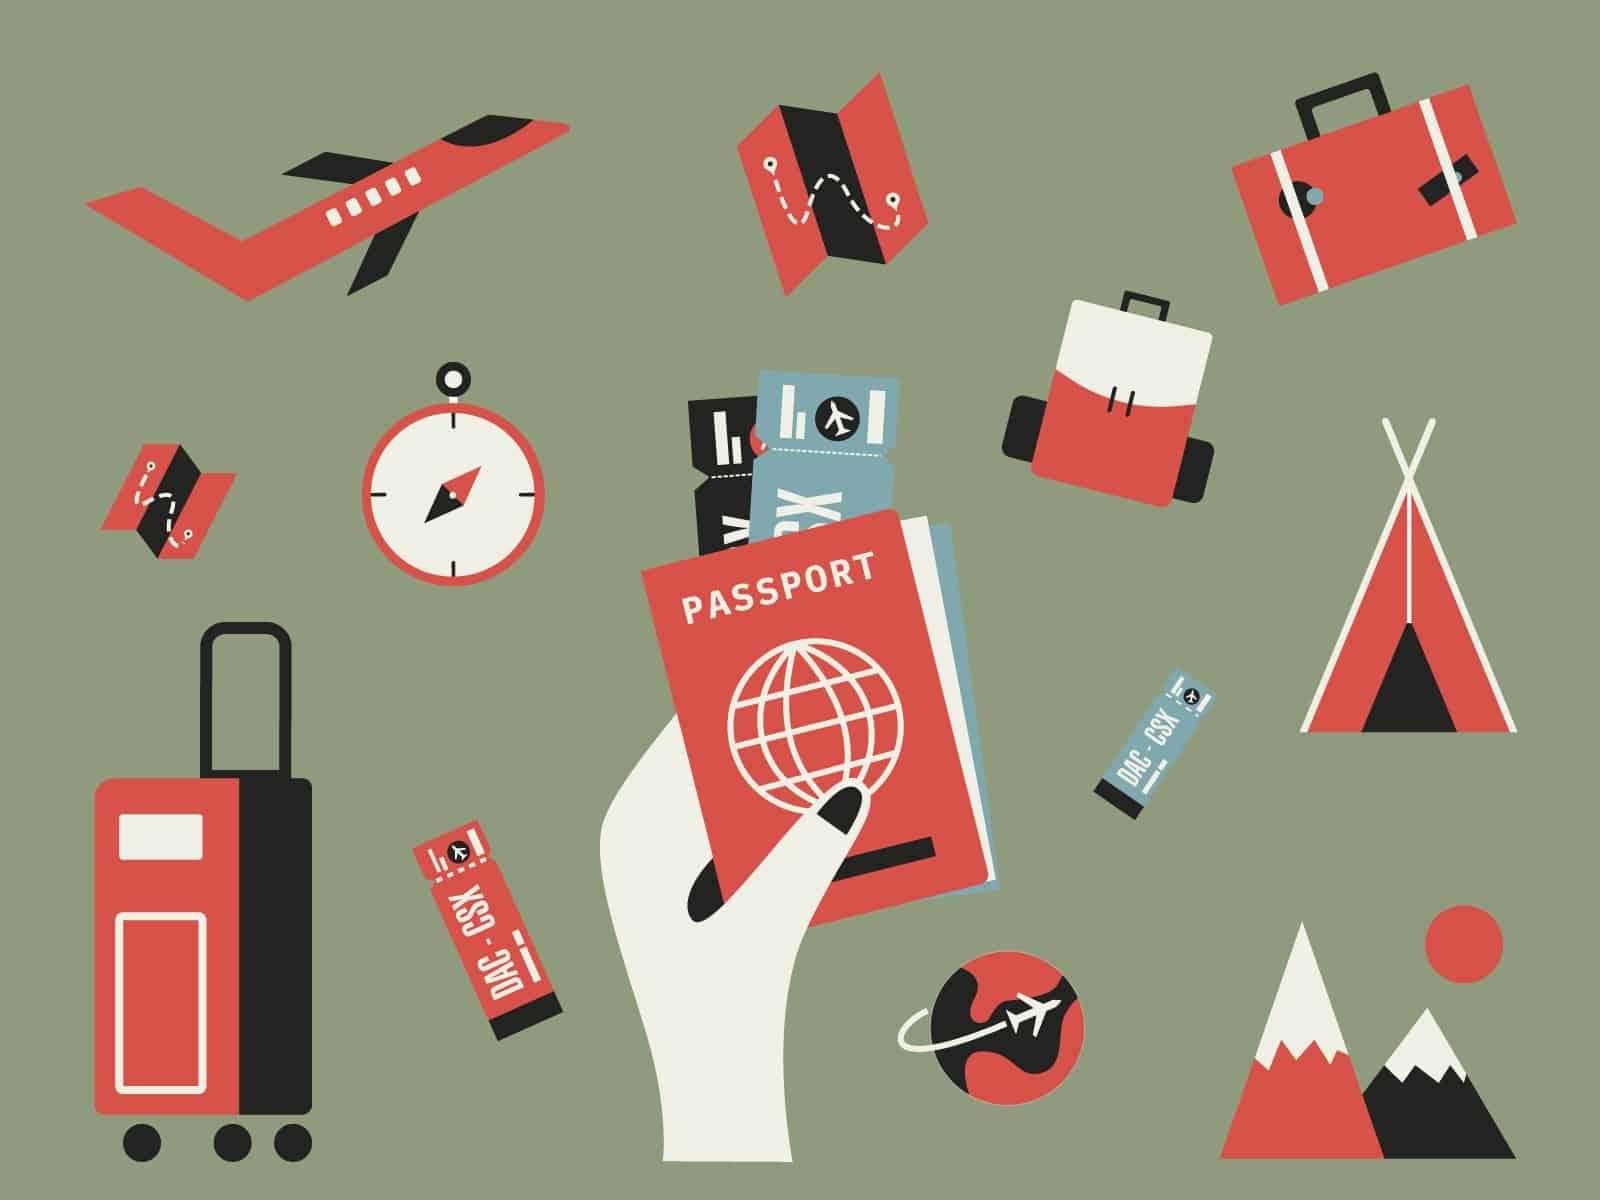 Төлқұжат, паспорт, азаматтық